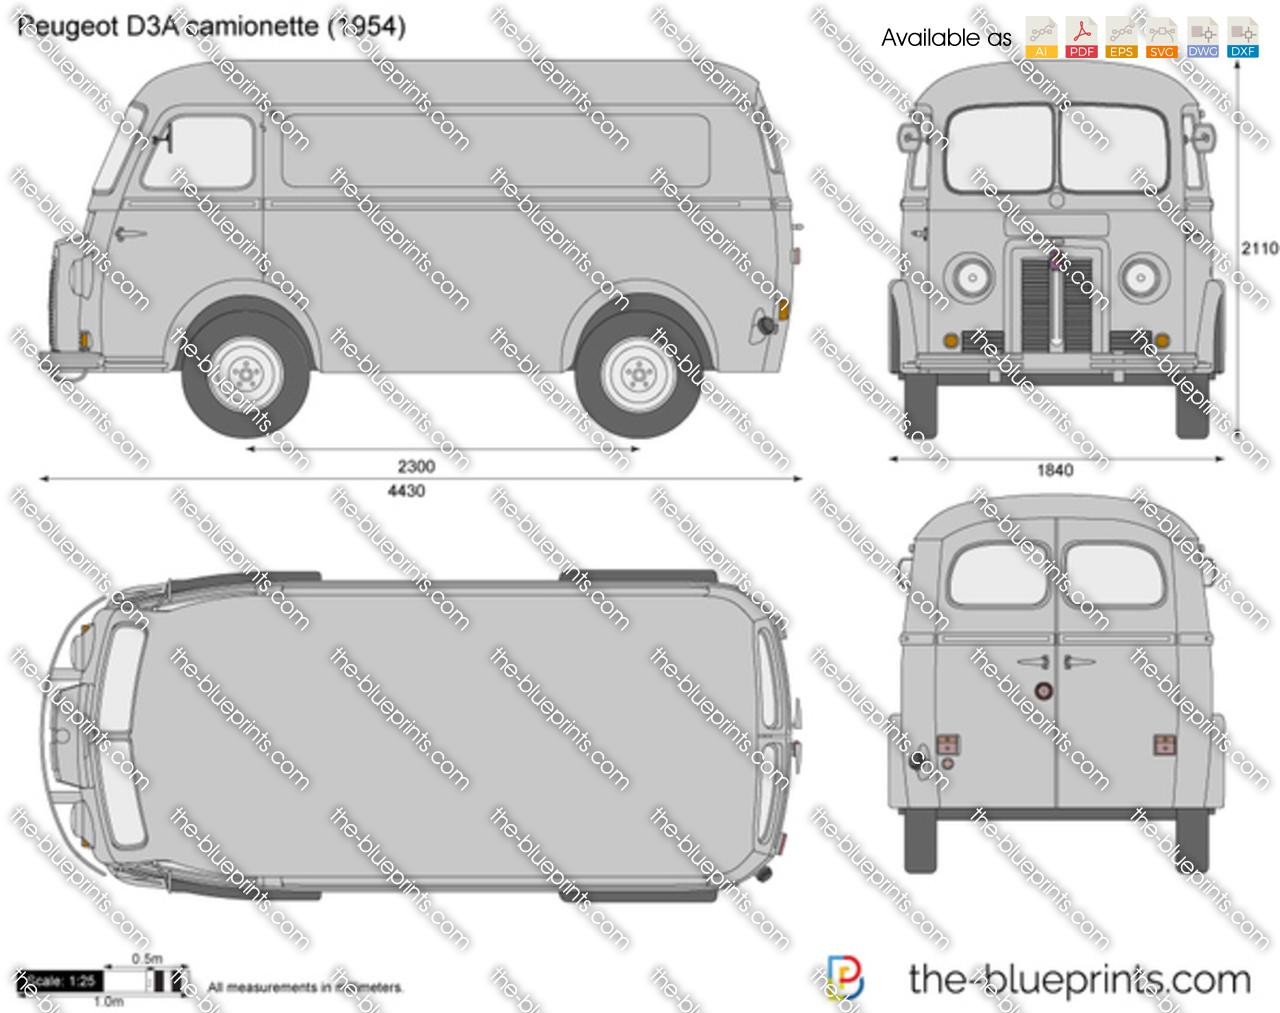 Peugeot D3A camionette